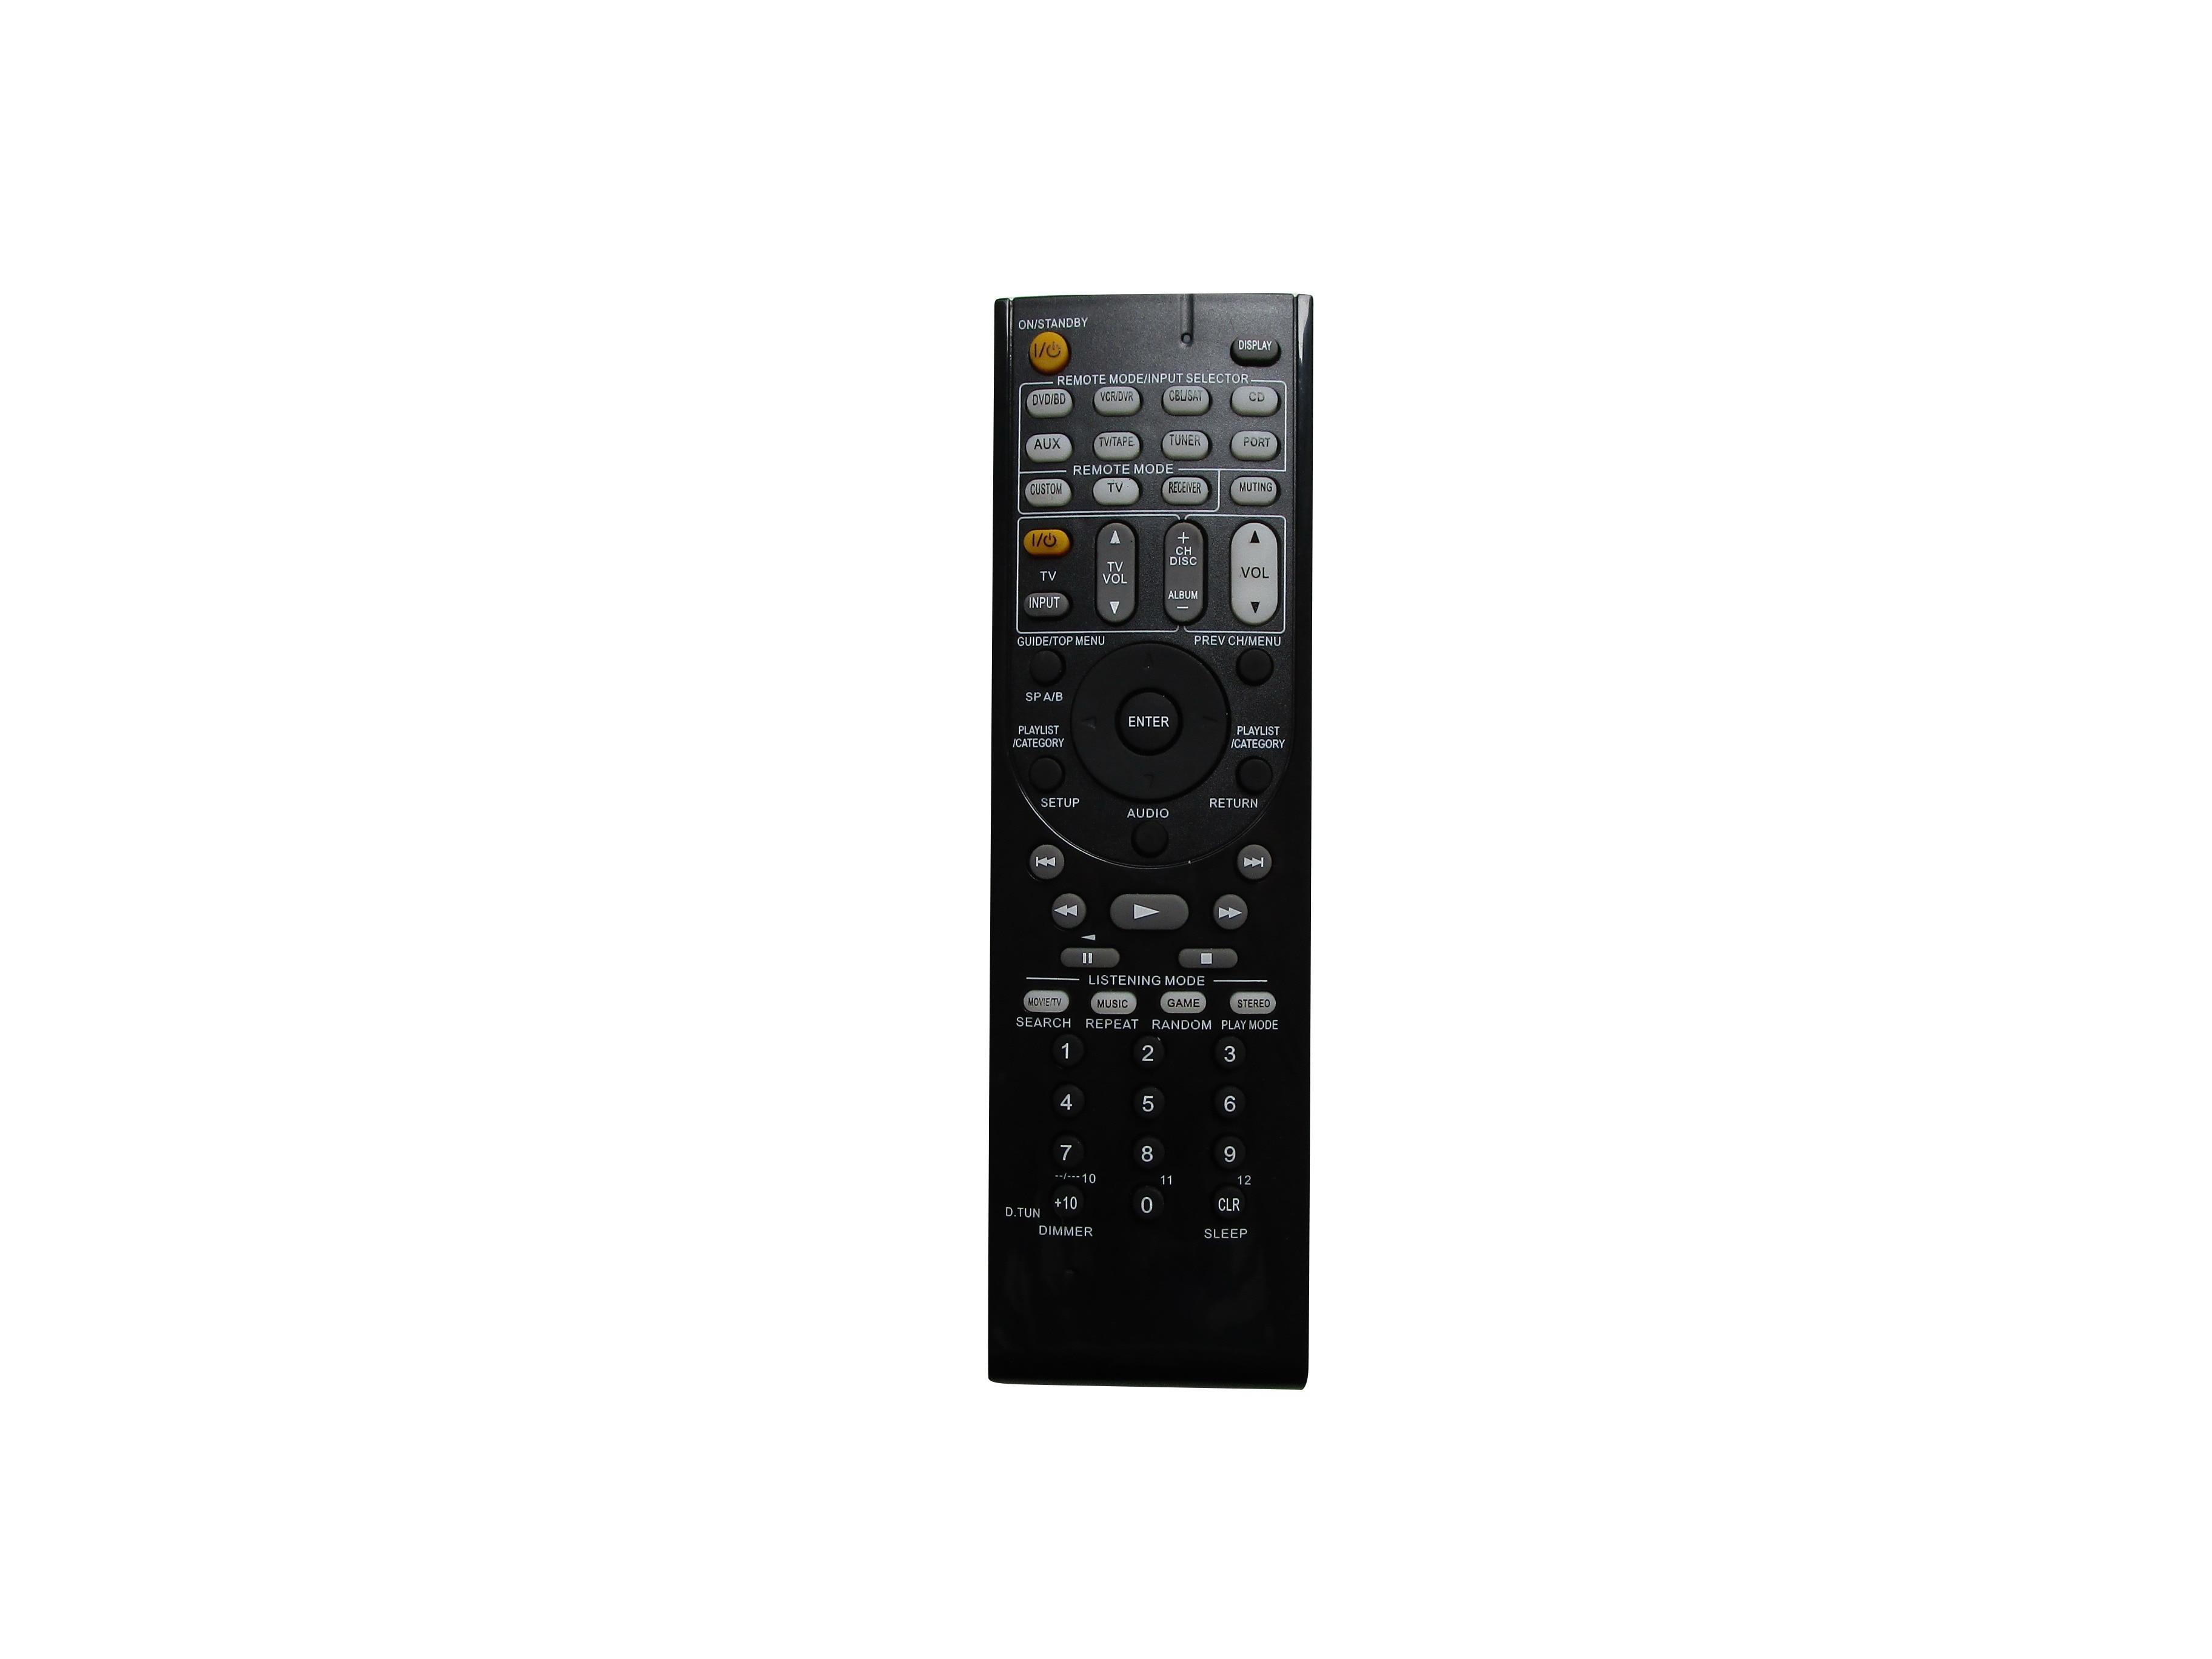 Control remoto para ONKYO RC-745M TX-NR807 HT-RC180 TX-SR607S TX-NR3007 TX-NR5007 TX-SR507S TX-SR577 TX-NR616 AV receptor de A/V